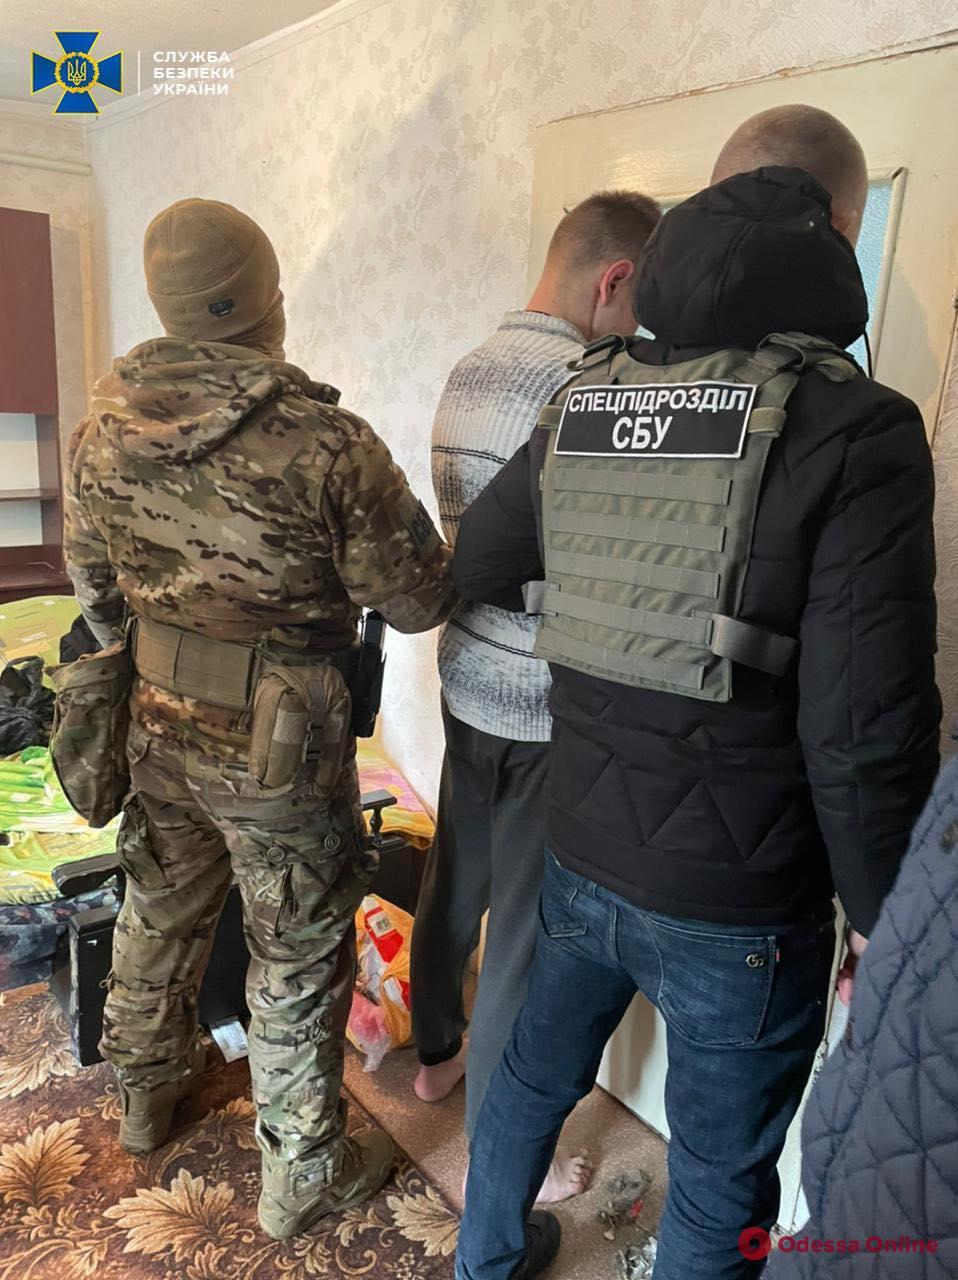 В Одессе СБУ задержала группу наркоторговцев, которую организовал экс-пограничник